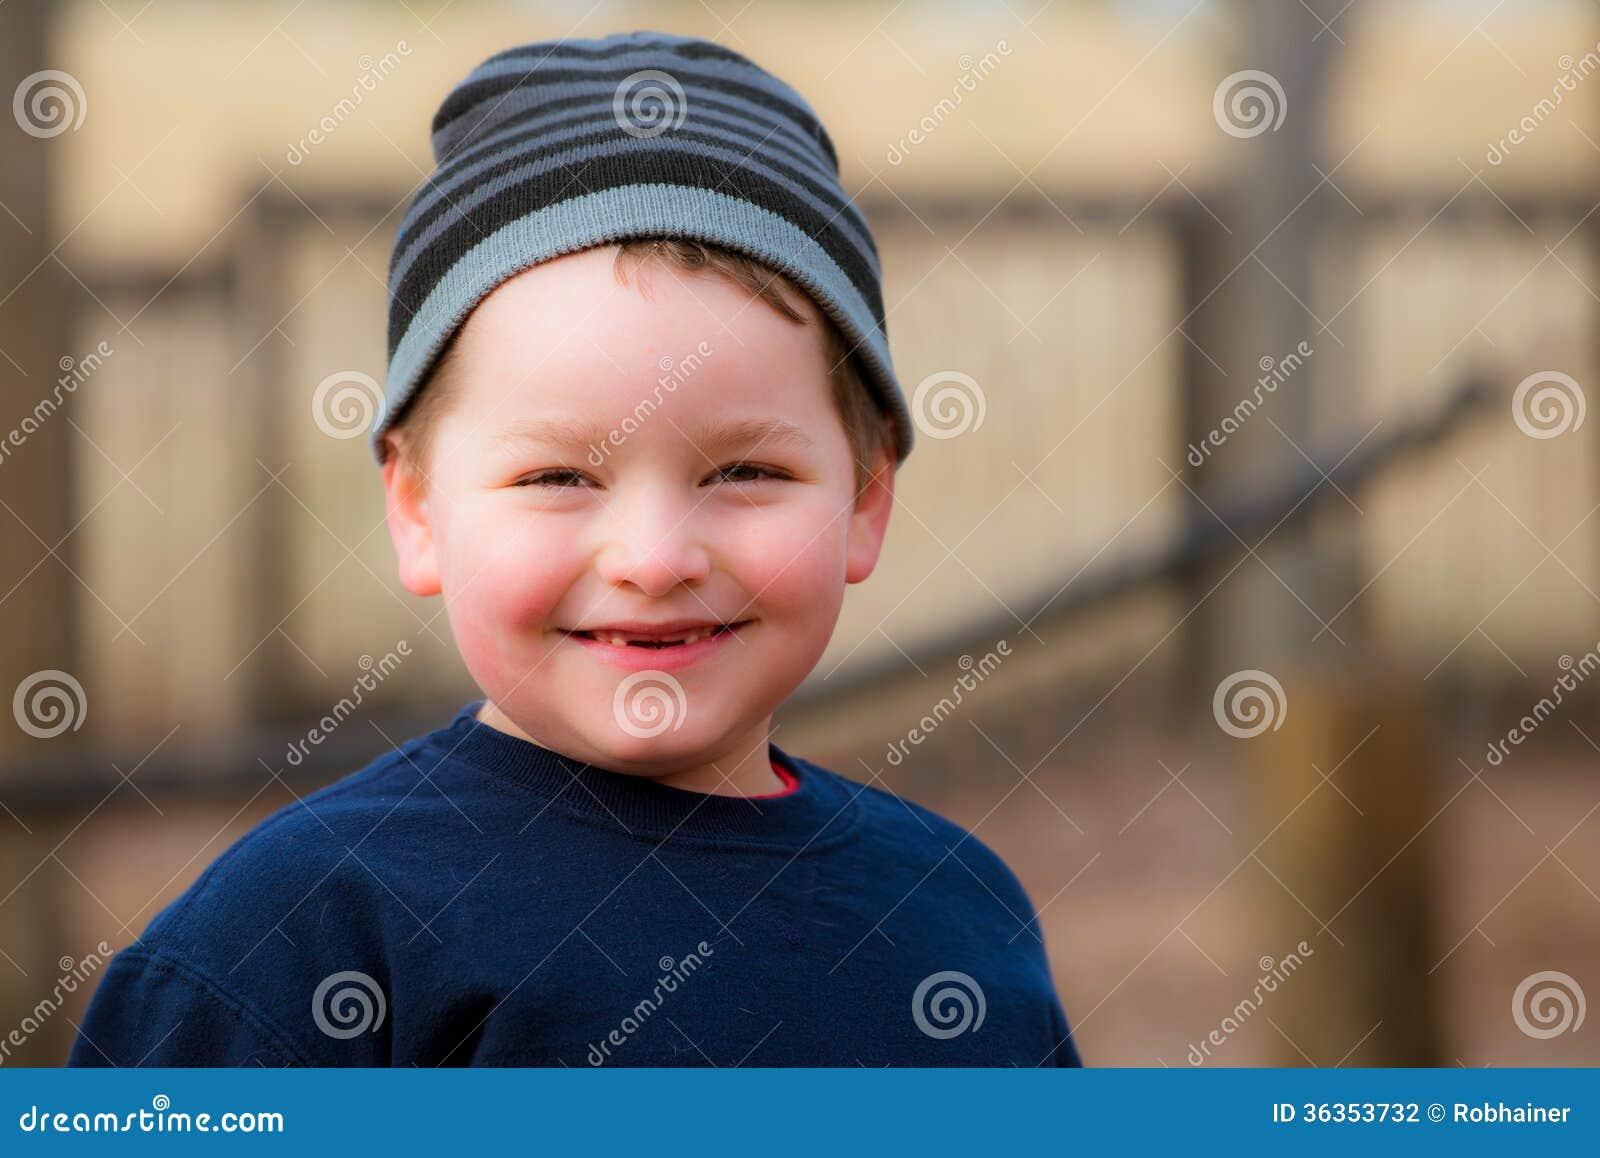 Χειμερινό πορτρέτο του ευτυχούς αγοριού στην παιδική χαρά